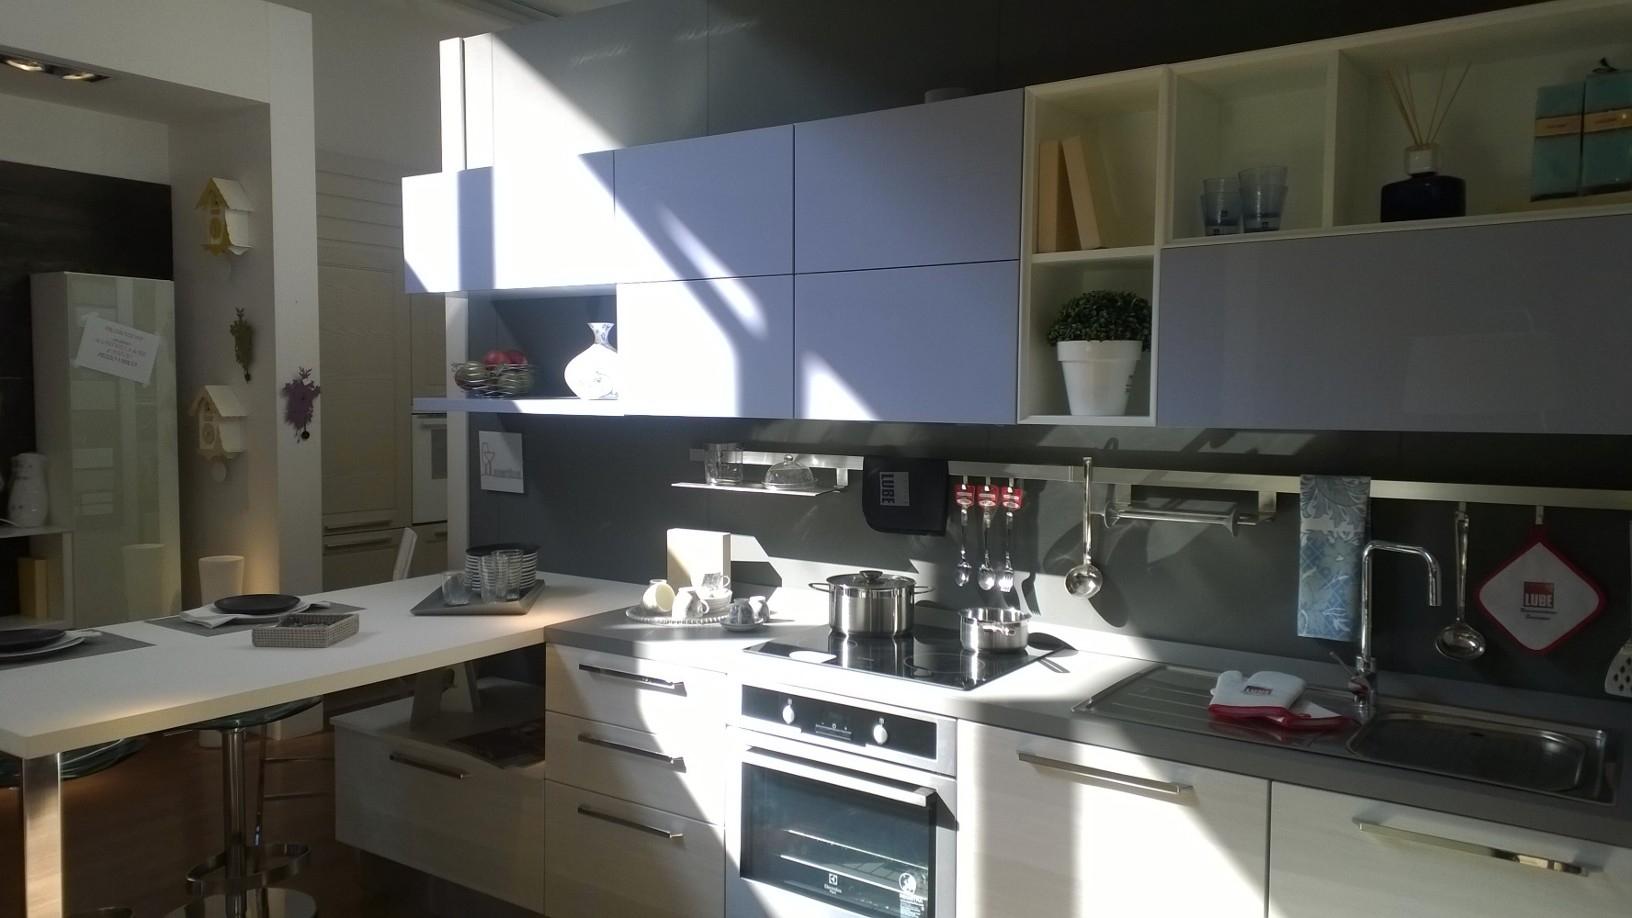 cucina Lube Martina Promozione - Cucine a prezzi scontati